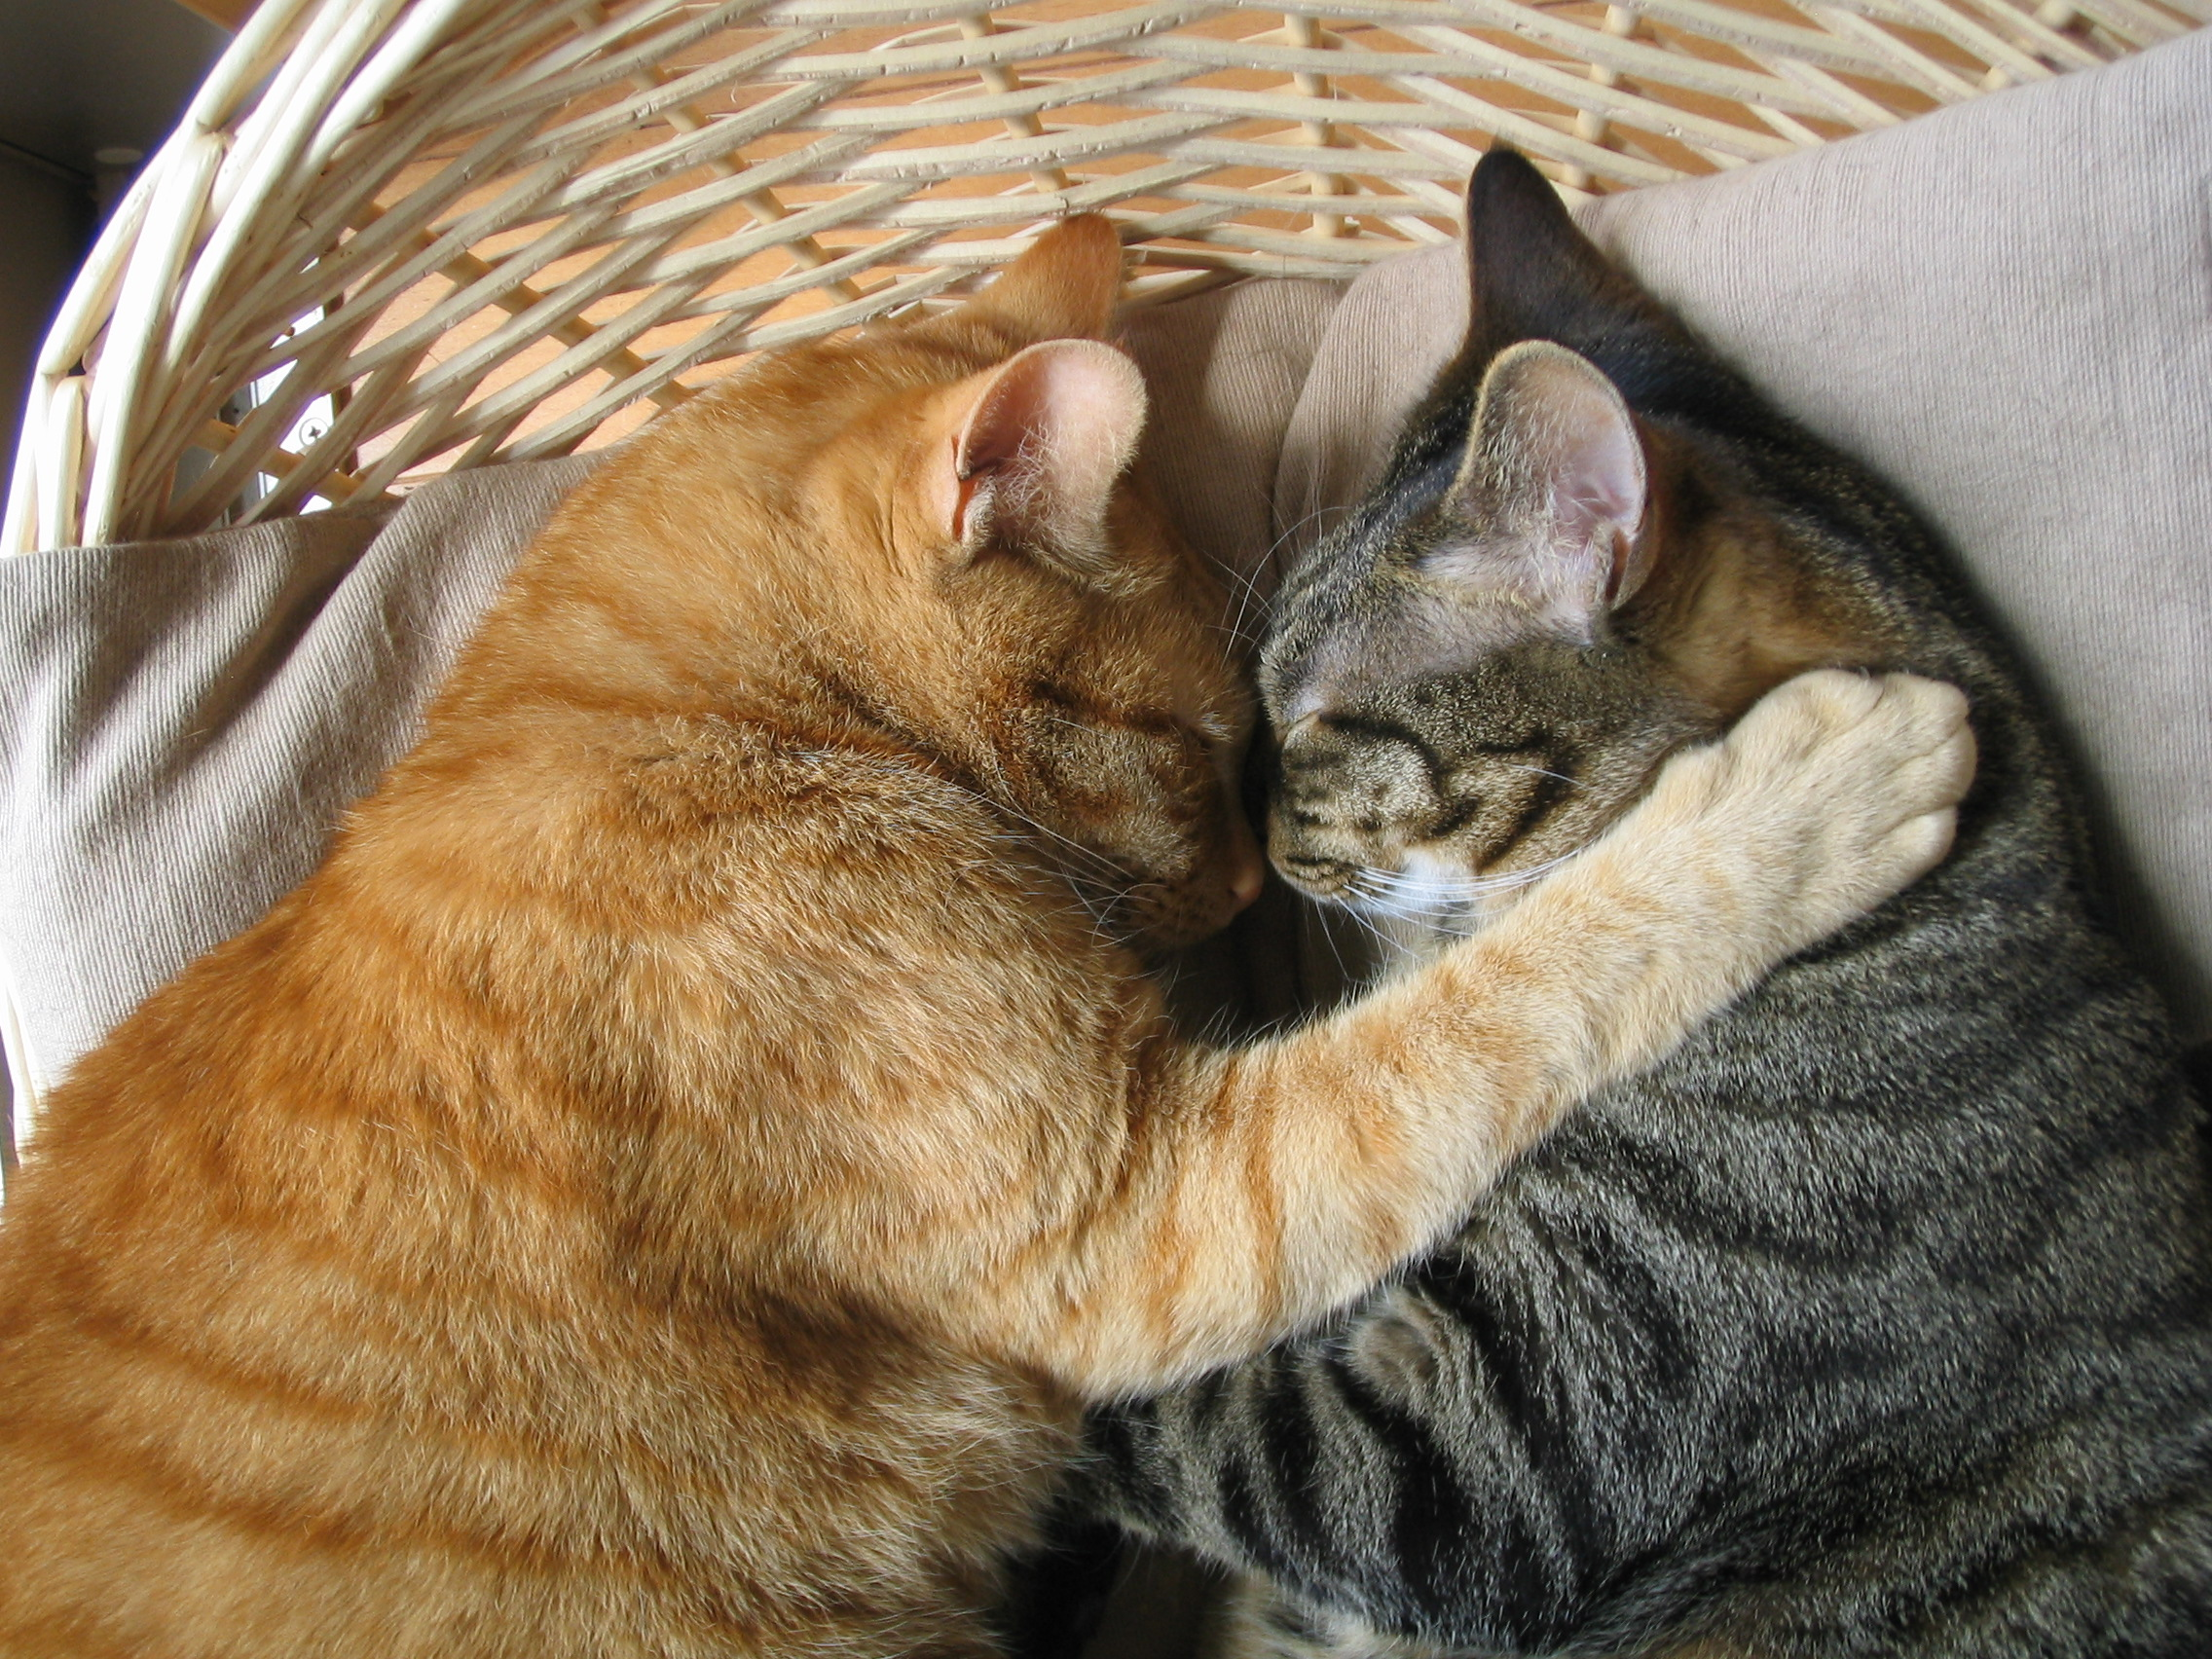 оказывается, что картинки животные спят вдвоем всех фонарей наличии